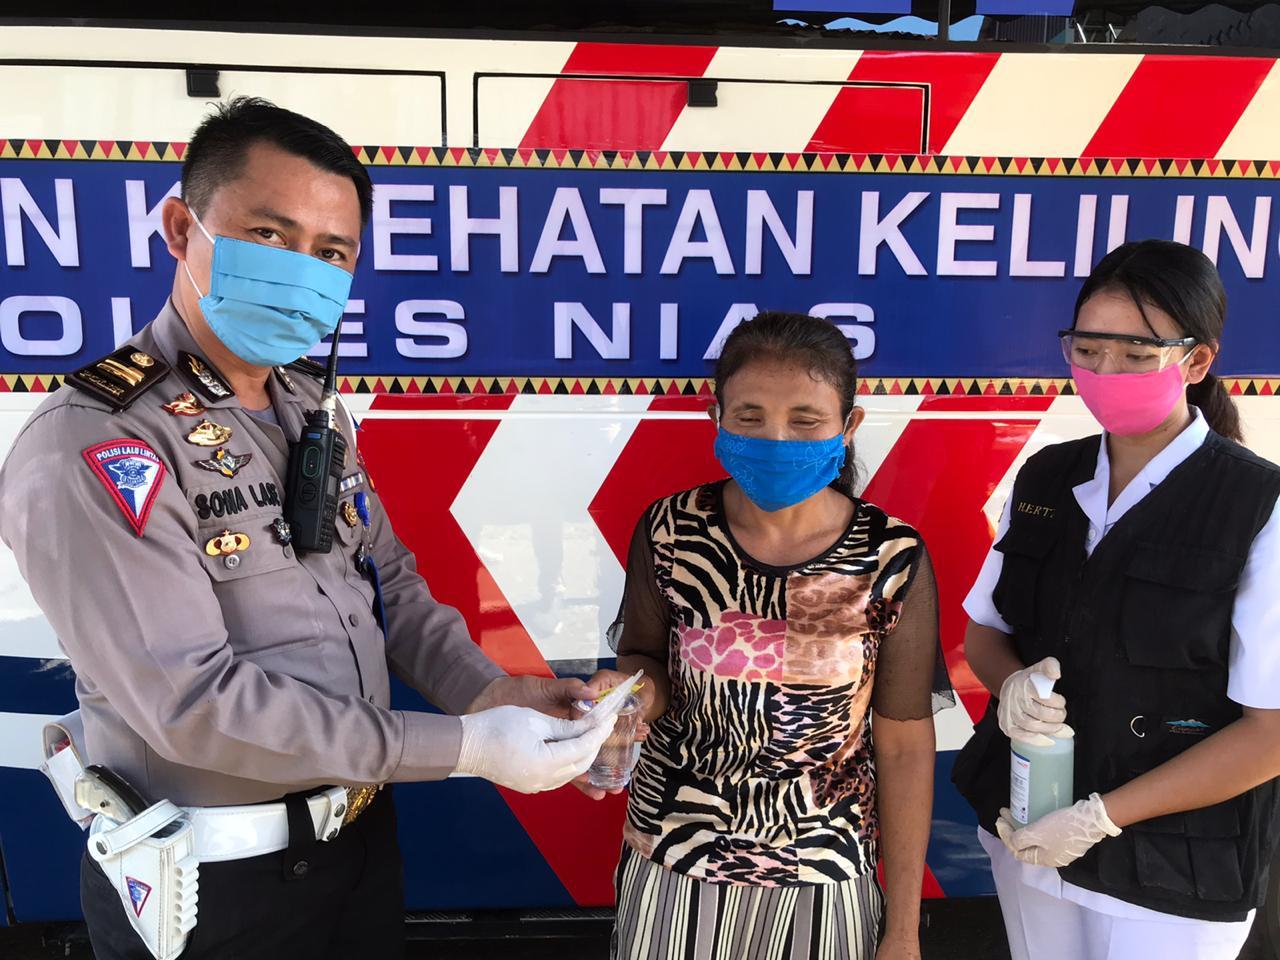 Cegah Covid -19, Polres Nias Adakan Pelayanan Kesehatan Keliling Gratis